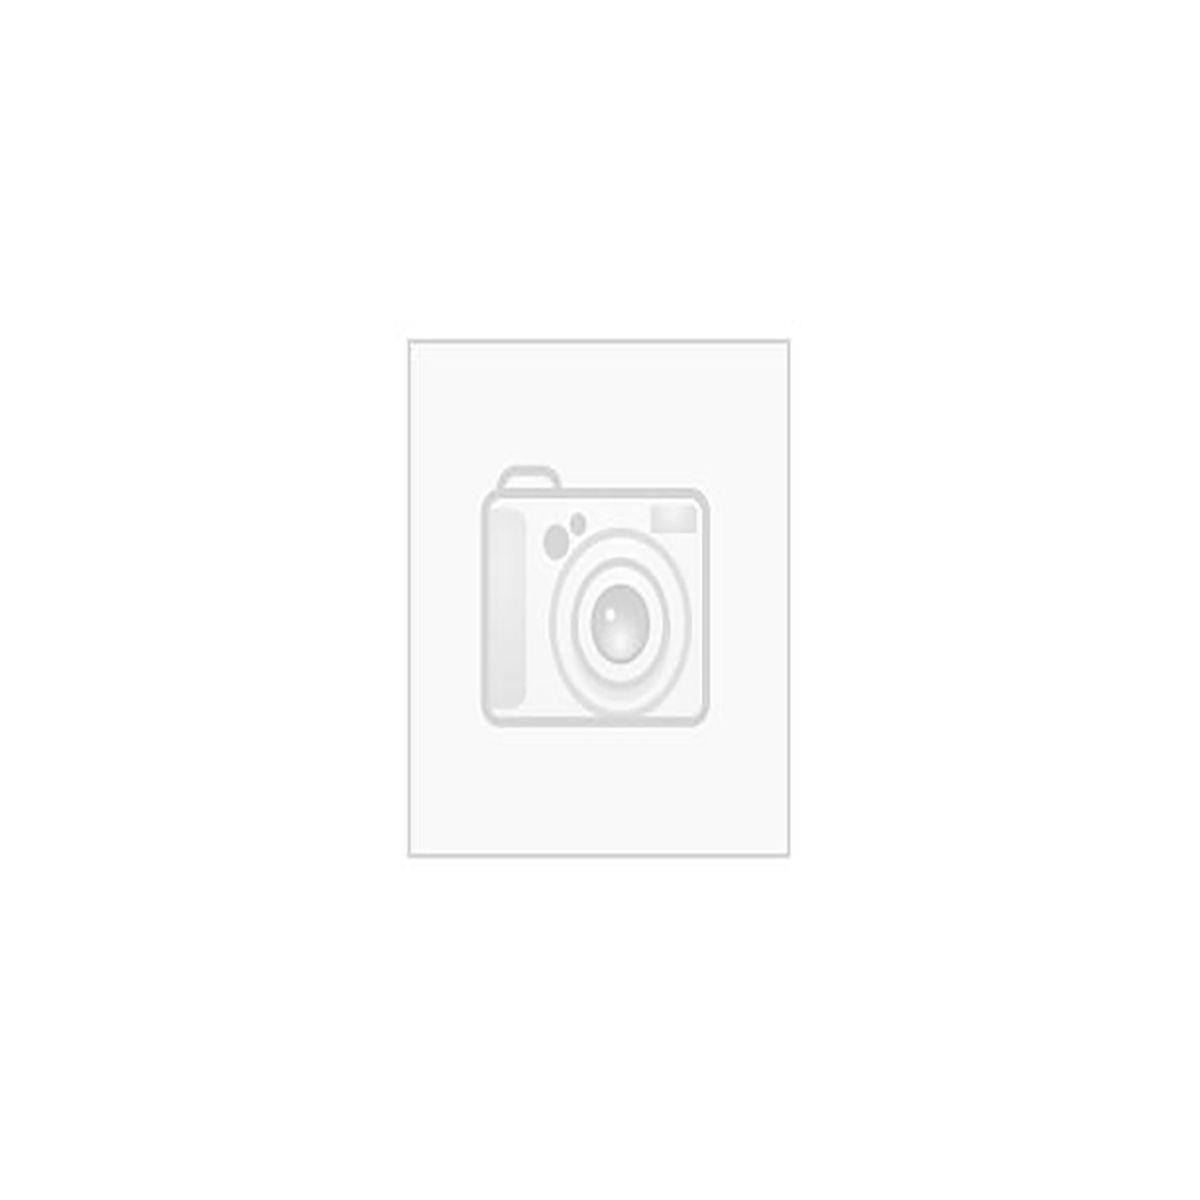 Sanipex Ventil f/fordeler med frimutter NK 12 mm m/grep